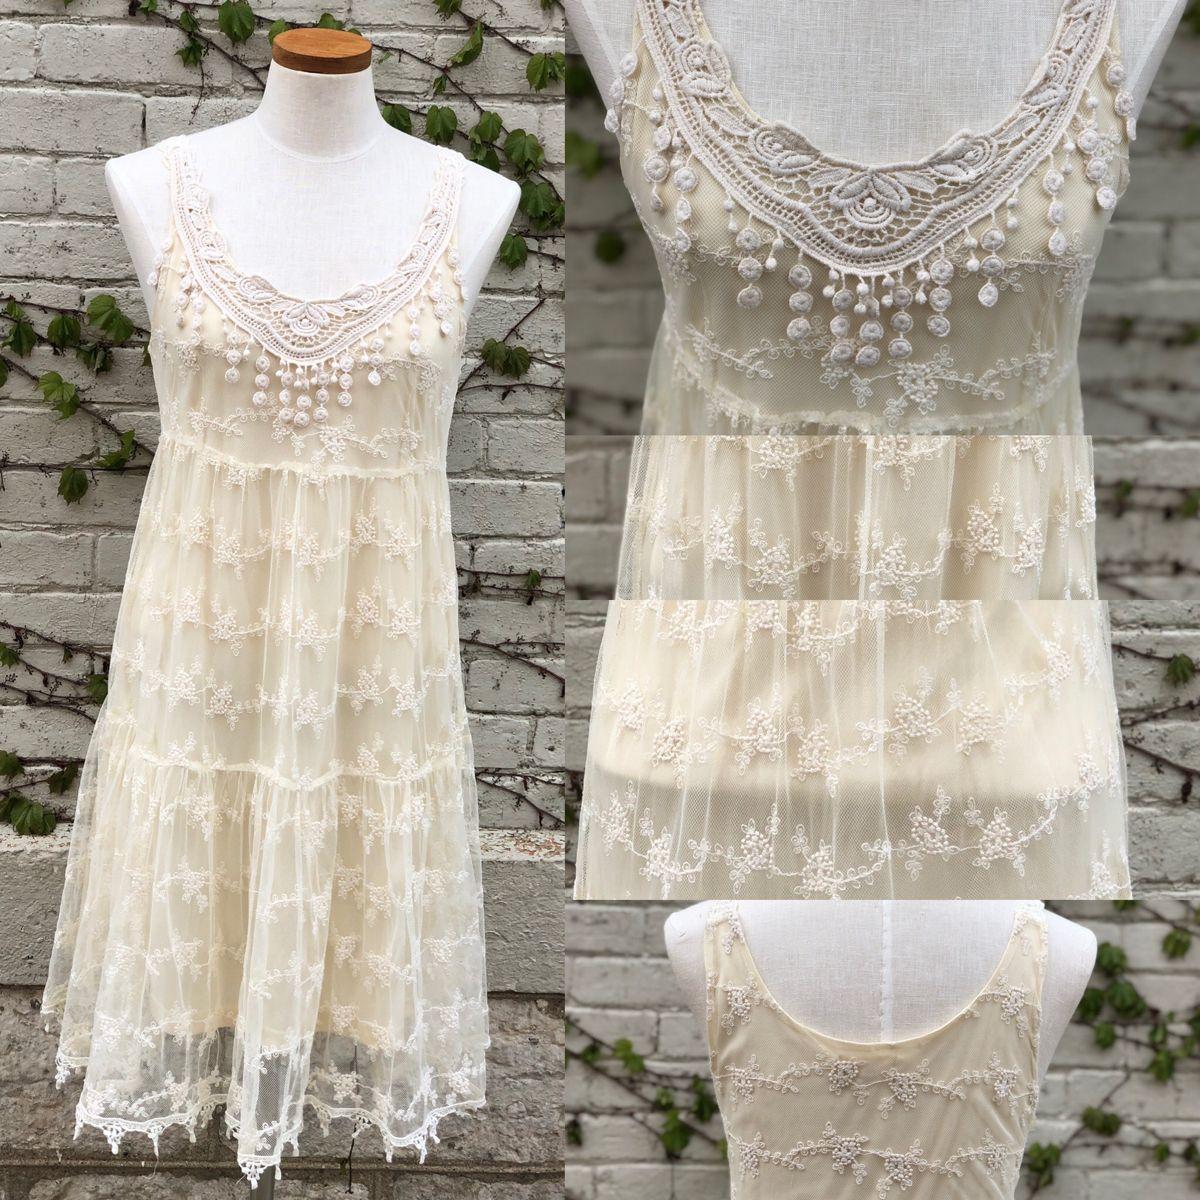 Vintage Dresses Vintage White Lace Dress Poshmark Vintage White Lace Dress Lace White Dress Lace Dress [ 1200 x 1200 Pixel ]